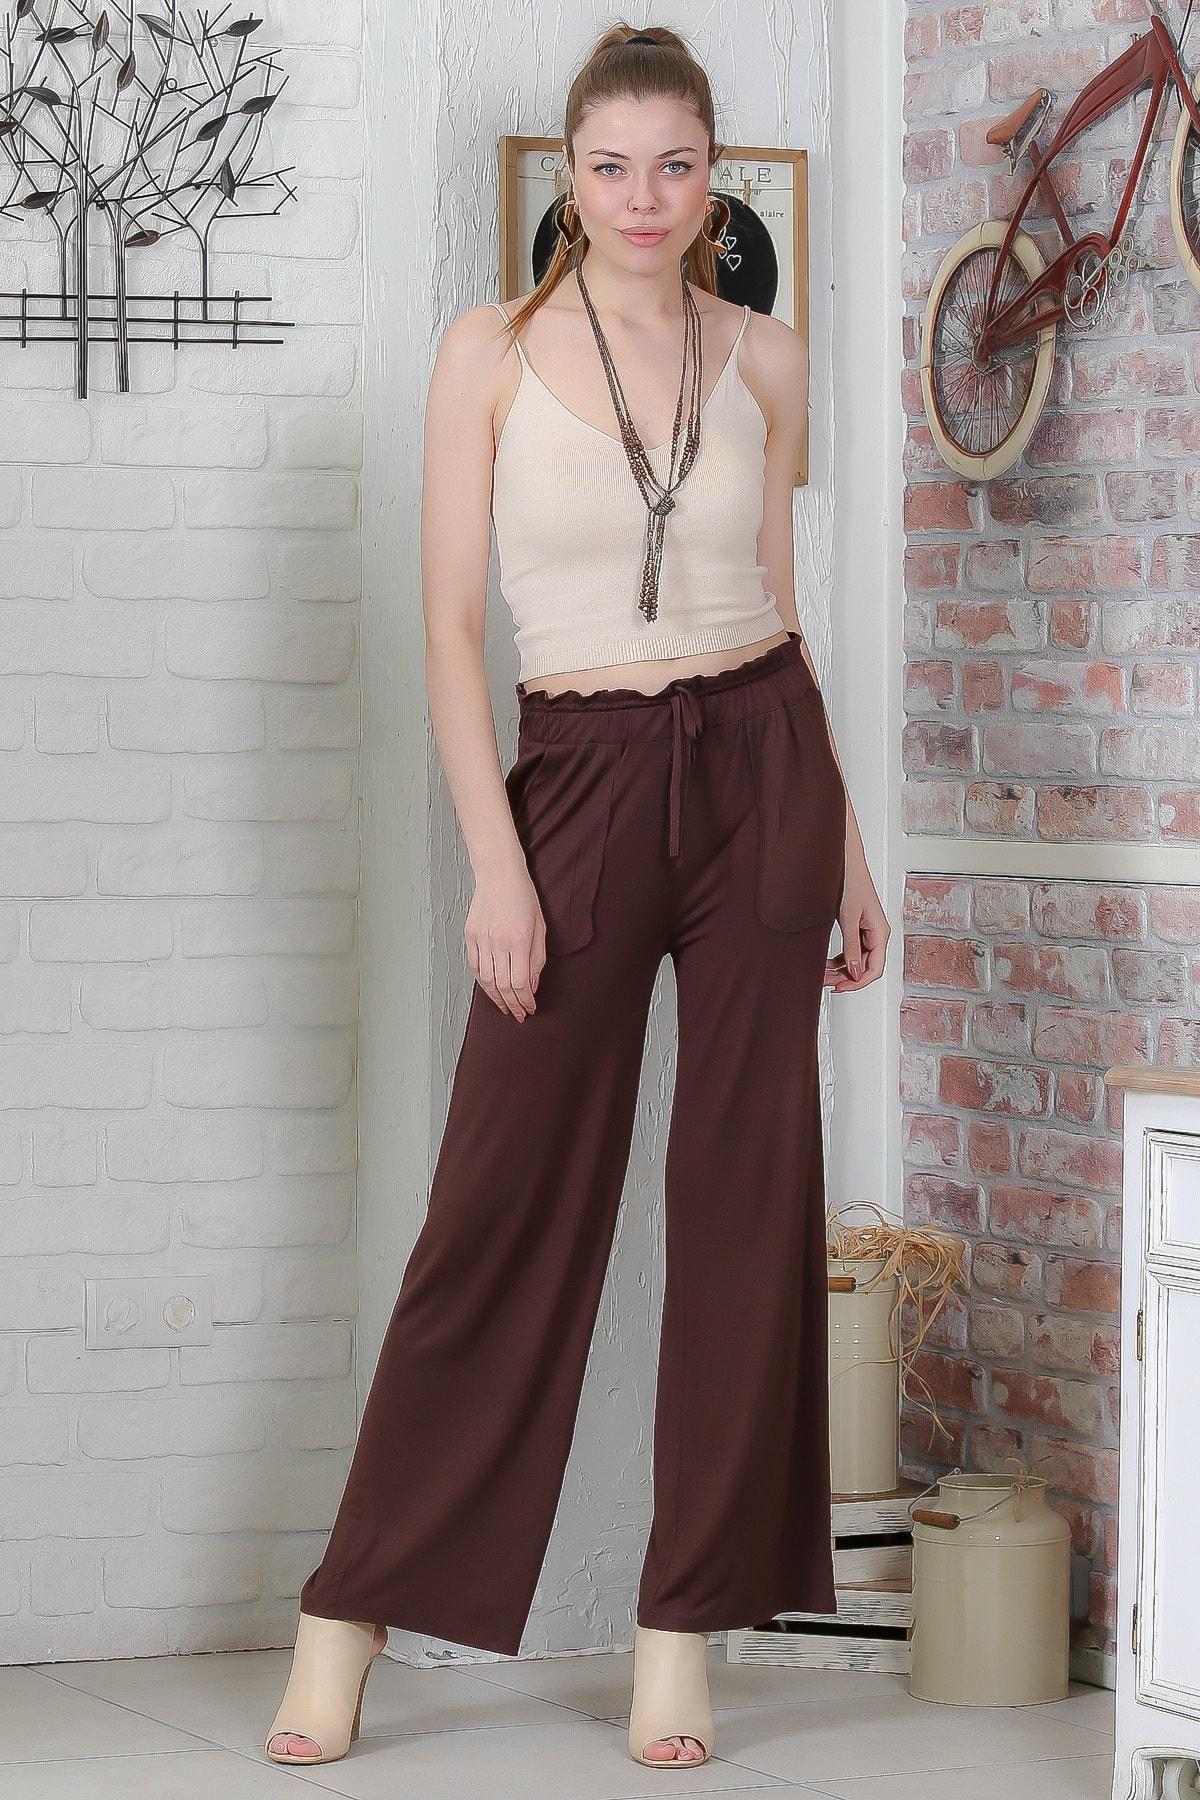 Chiccy Kadın Kahverengi Beli Büzgülü Bağlamalı Cepli Bol Paça Pantolon M10060000PN98917